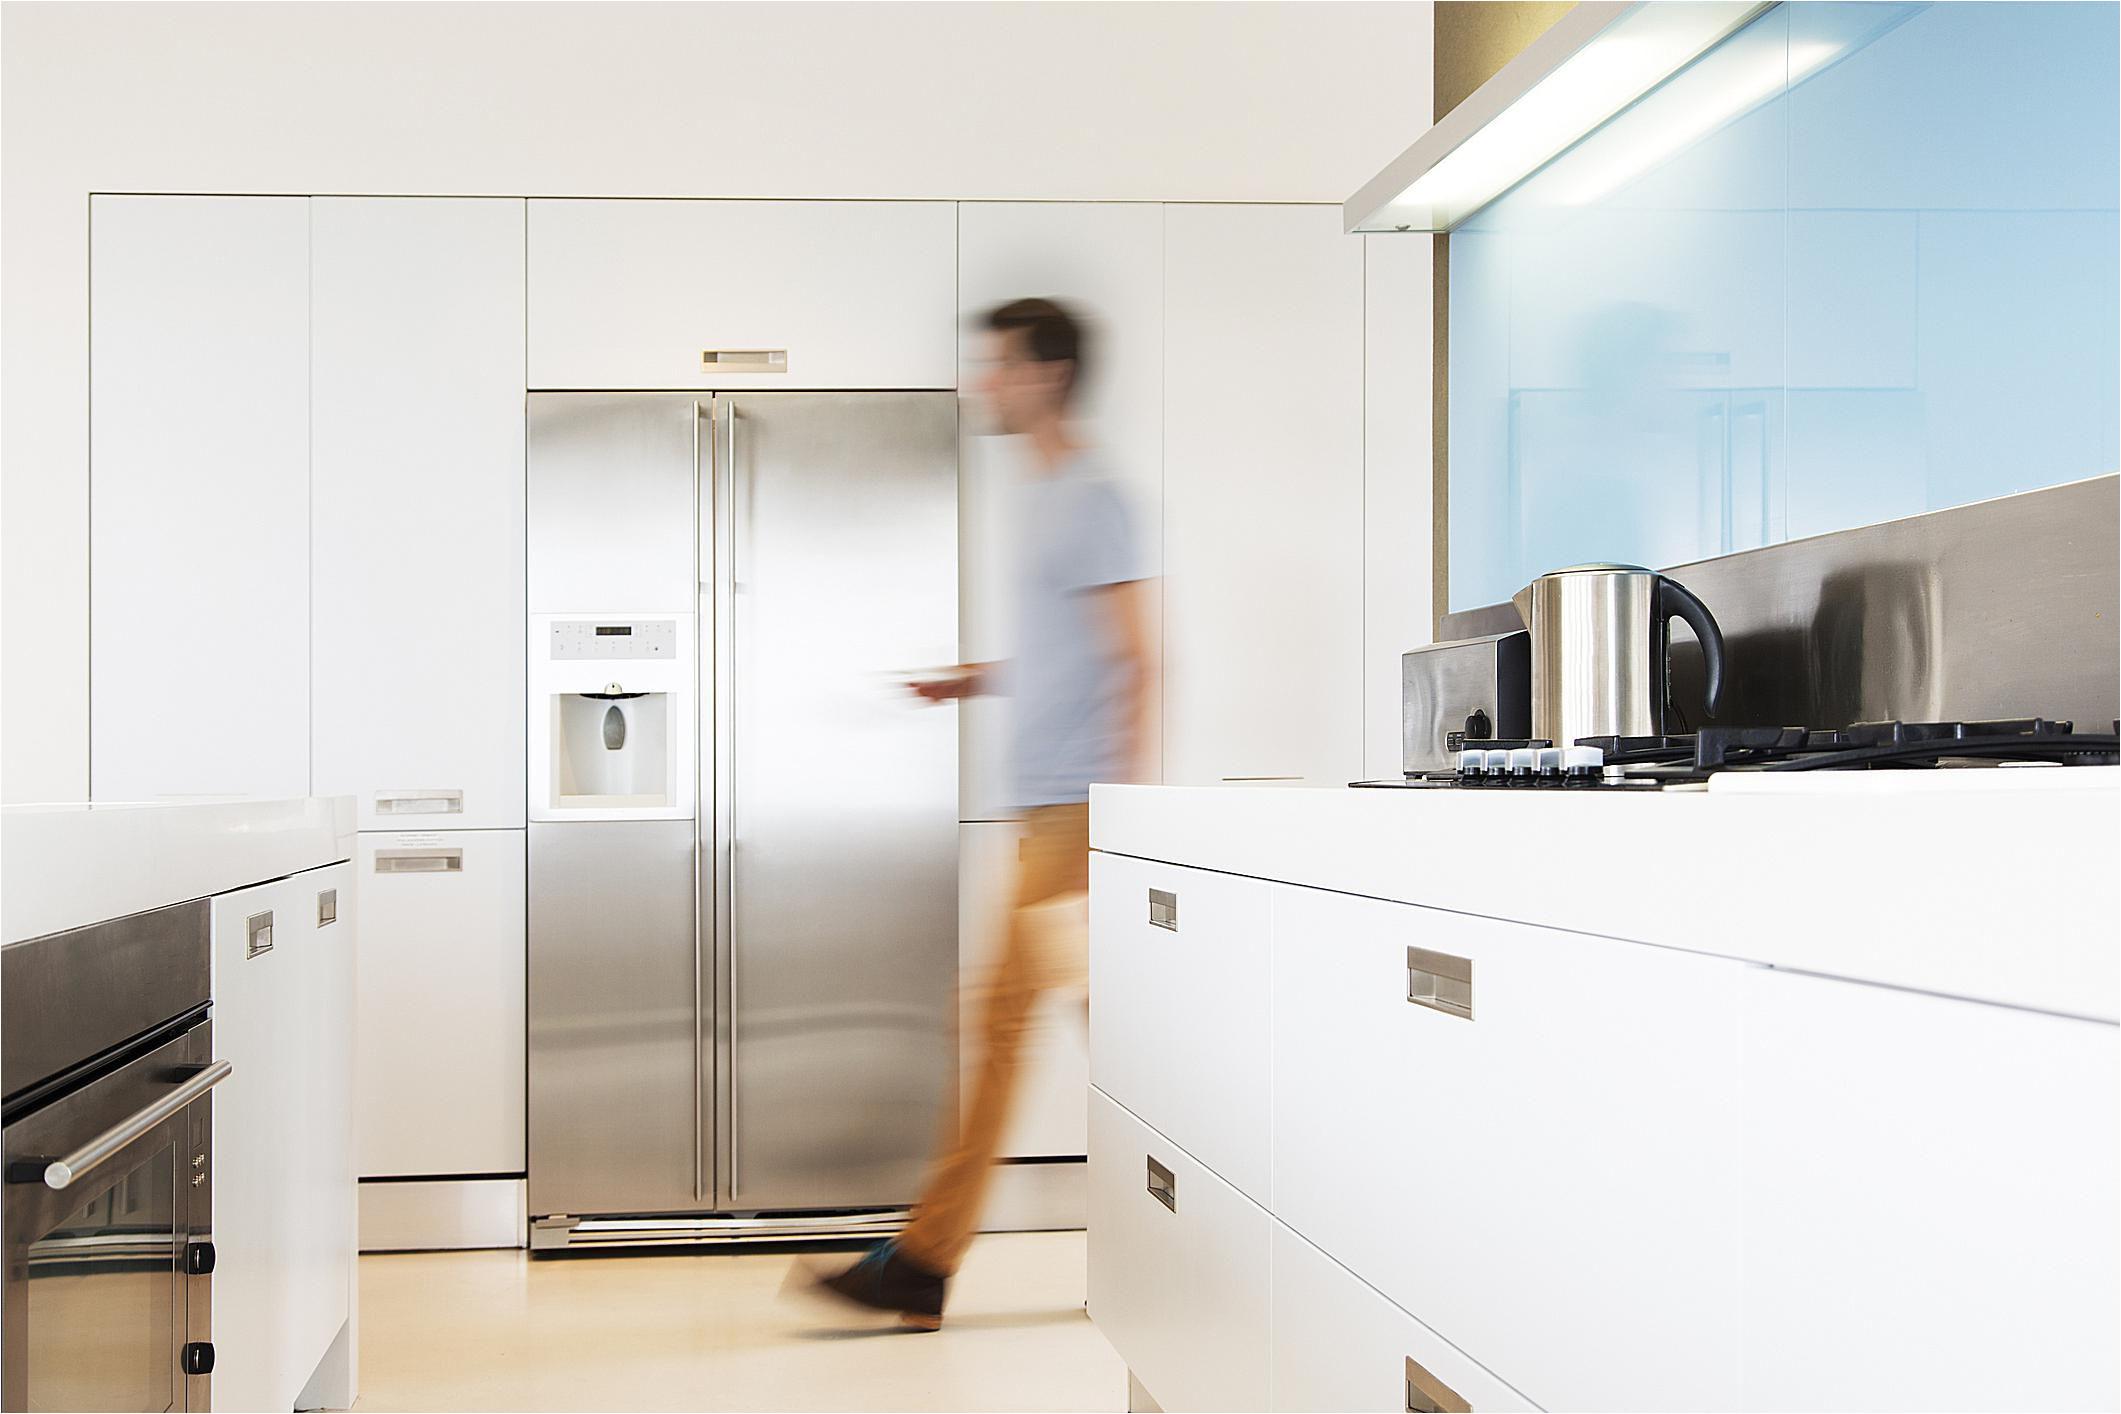 refrigerator modern kitchen gettyimages 525439981 58a47bf13df78c4758757066 jpg